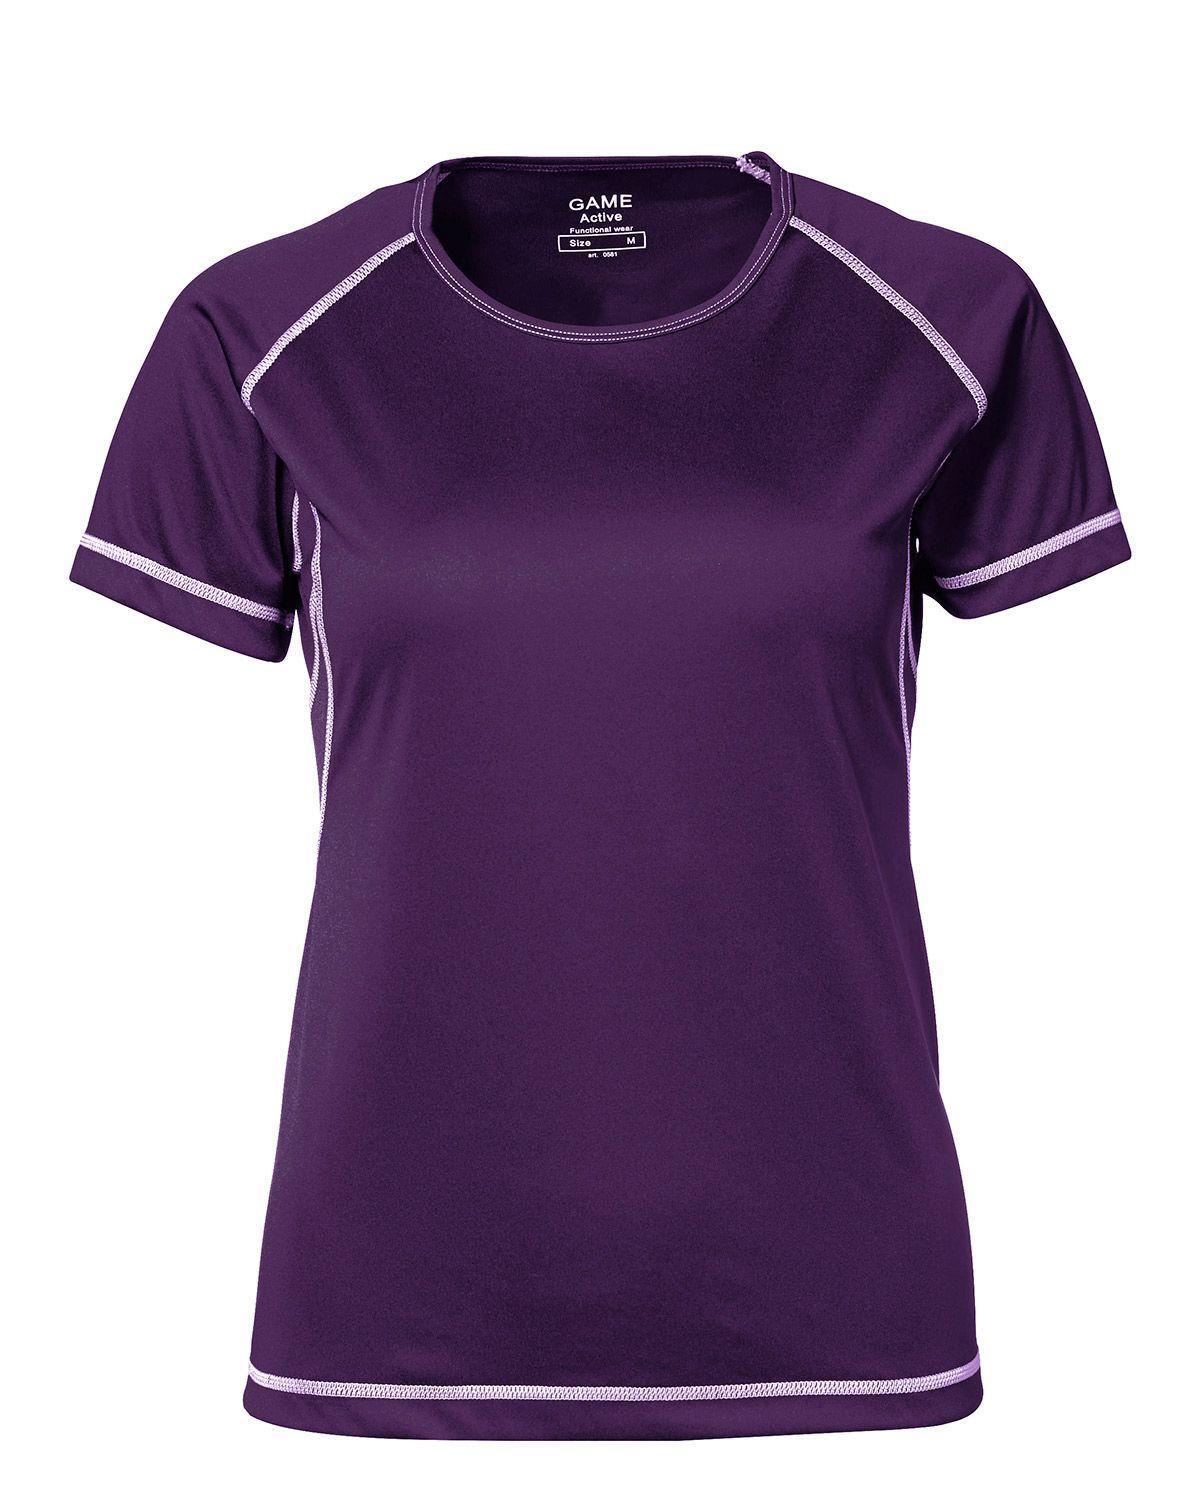 ID Feminin Active T-shirt - Fukttransporterande (Lila, S)